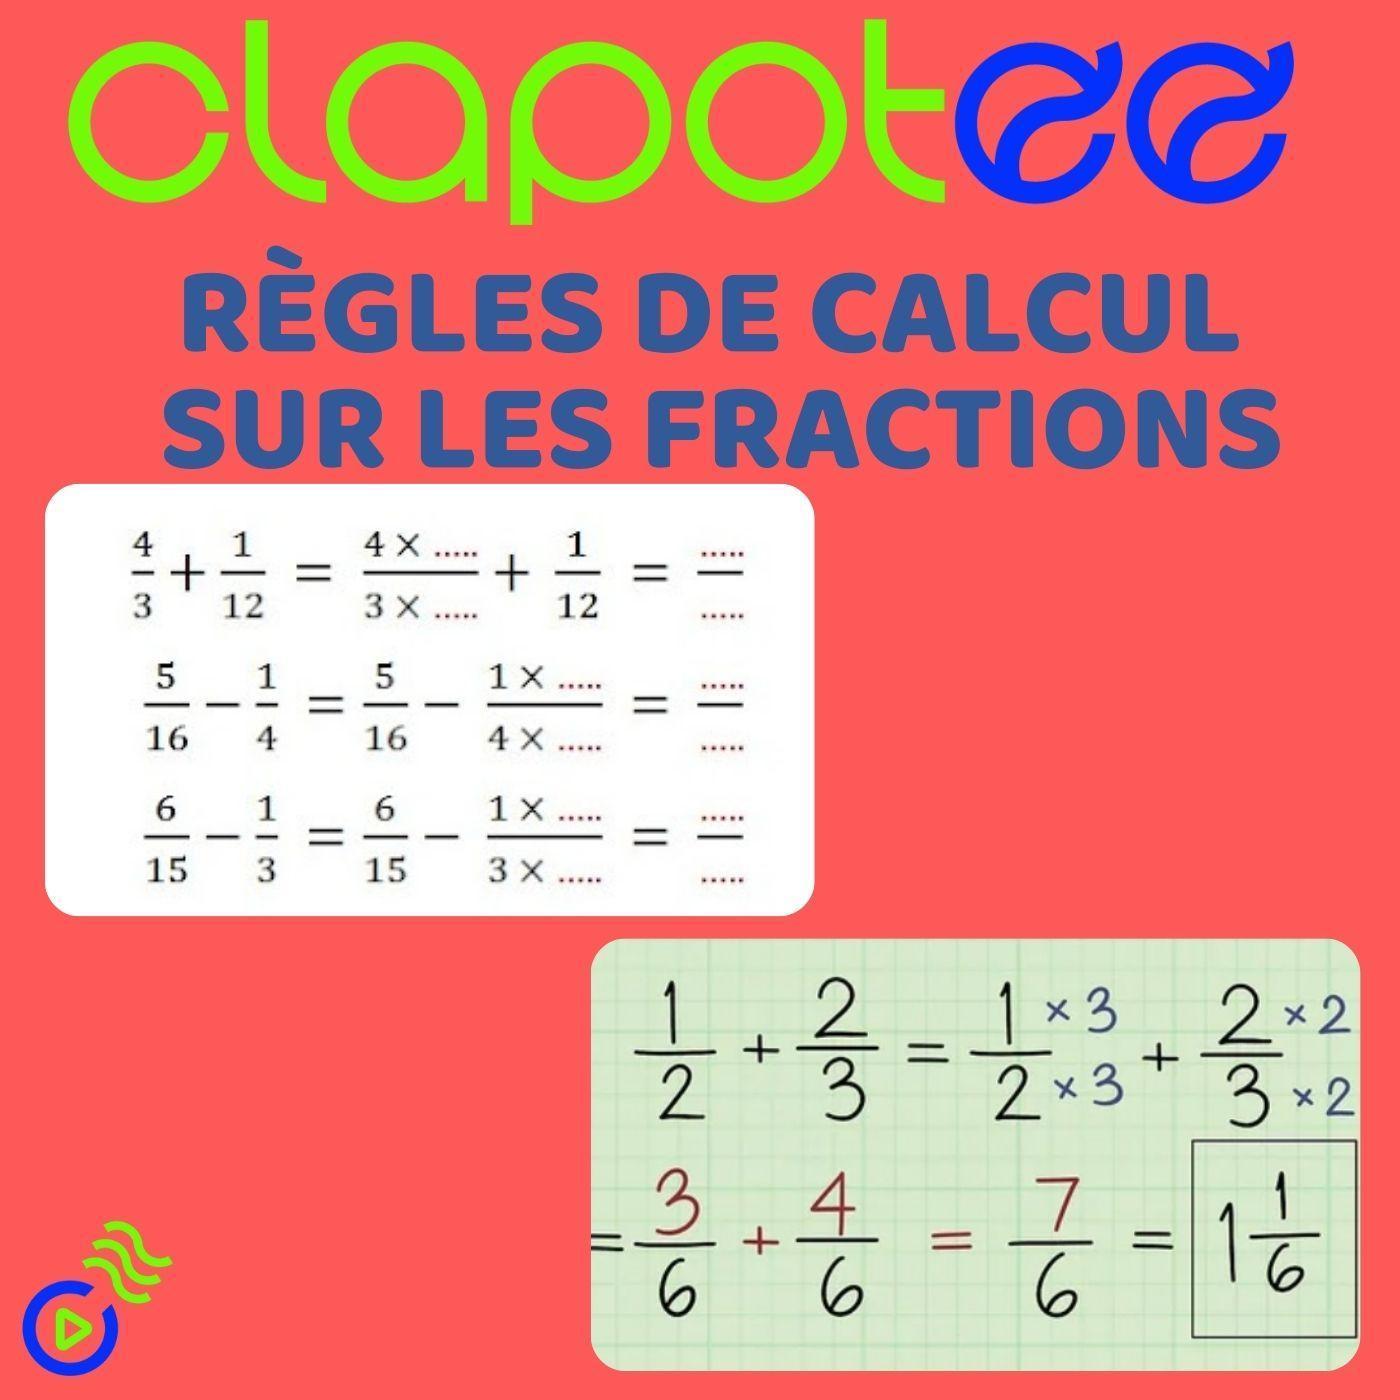 Règles de calcul sur les fractions.